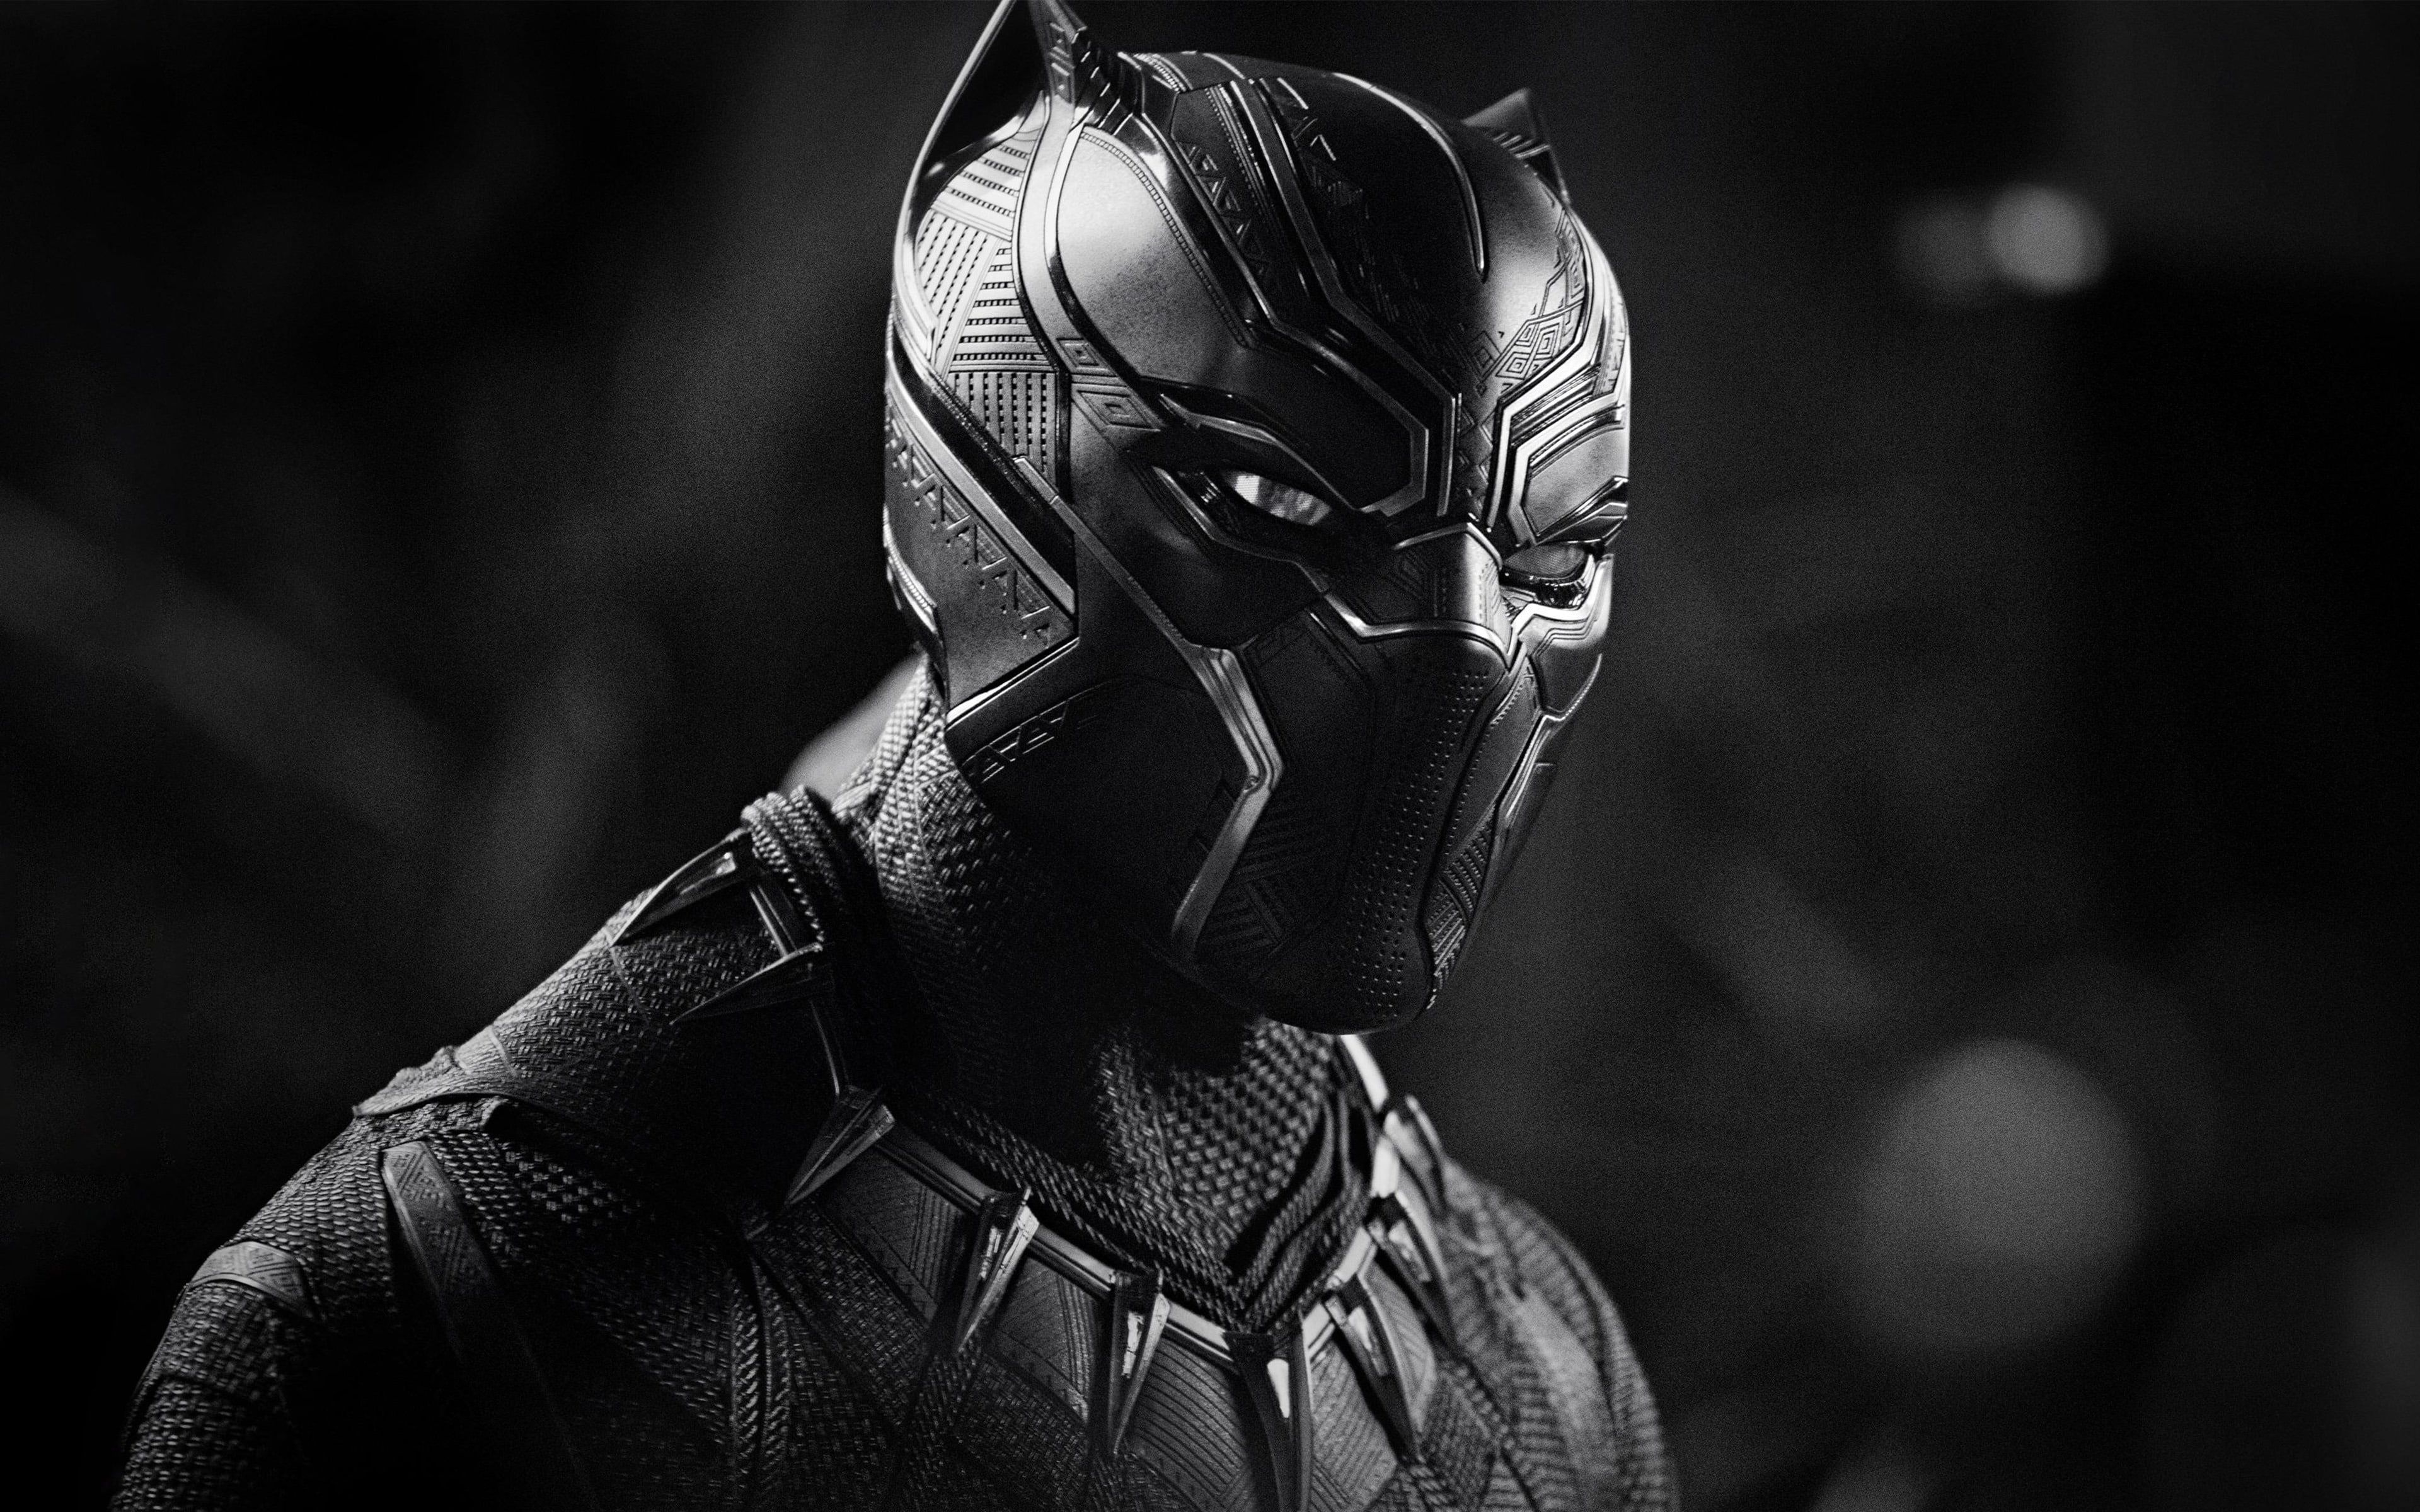 Black Panther 4k Hd Movie Black Panther 4k Wallpaper Hdwallpaper Desktop In 2020 Black Panther Marvel Black Panther Panther